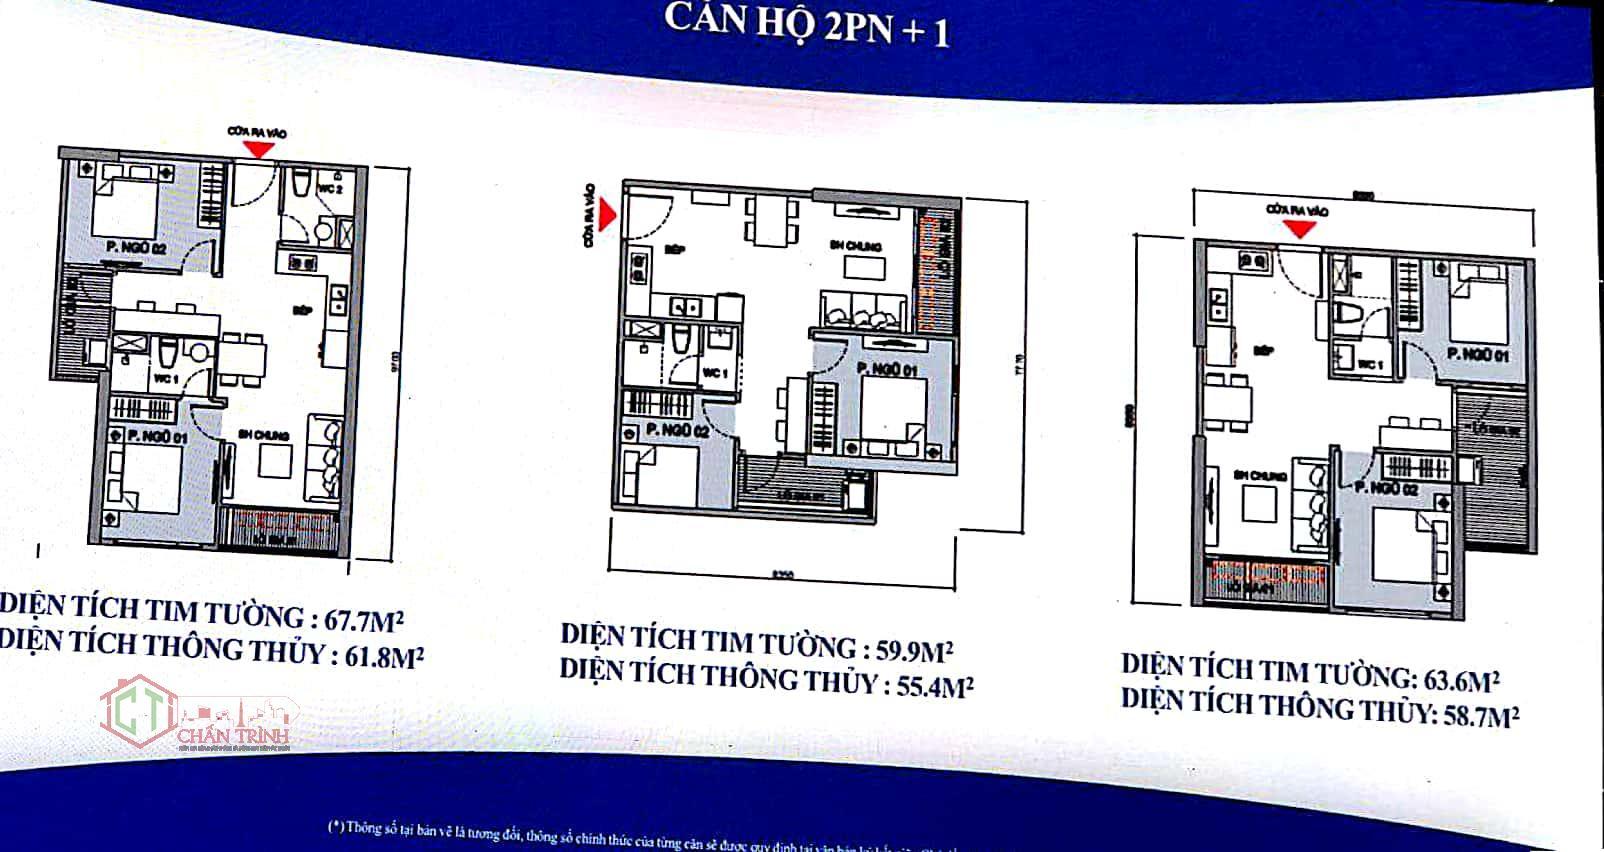 Thiết kế căn hộ 2 phòng ngủ + 1 dự án Vincity Ocean Park Gia Lâm